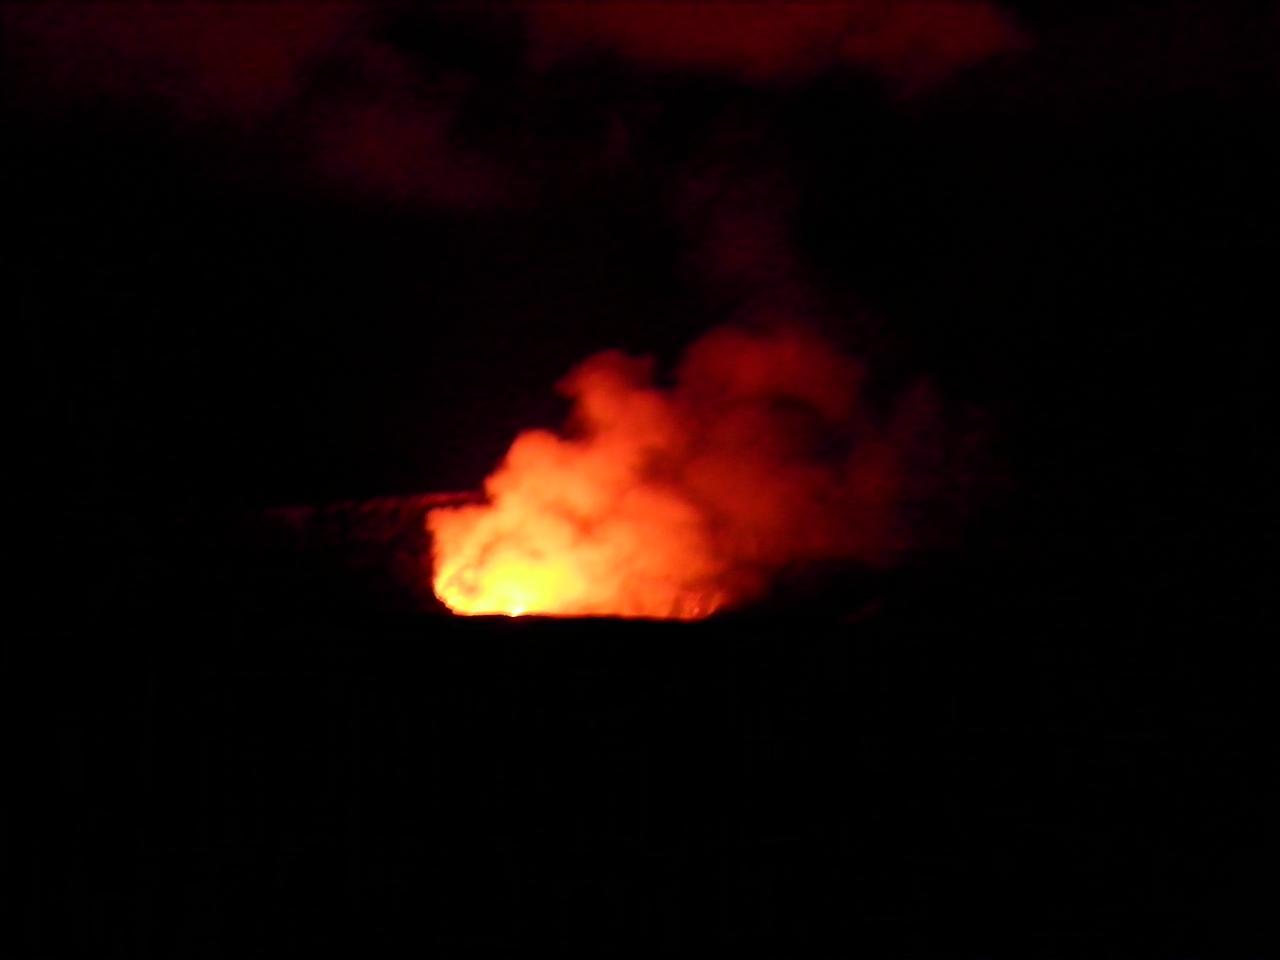 画像4: 【世界をあるく】ツアーのご紹介~ハワイ島大自然満喫ハイキング長谷川ネイチャーガイドとじっくり歩く6日間~